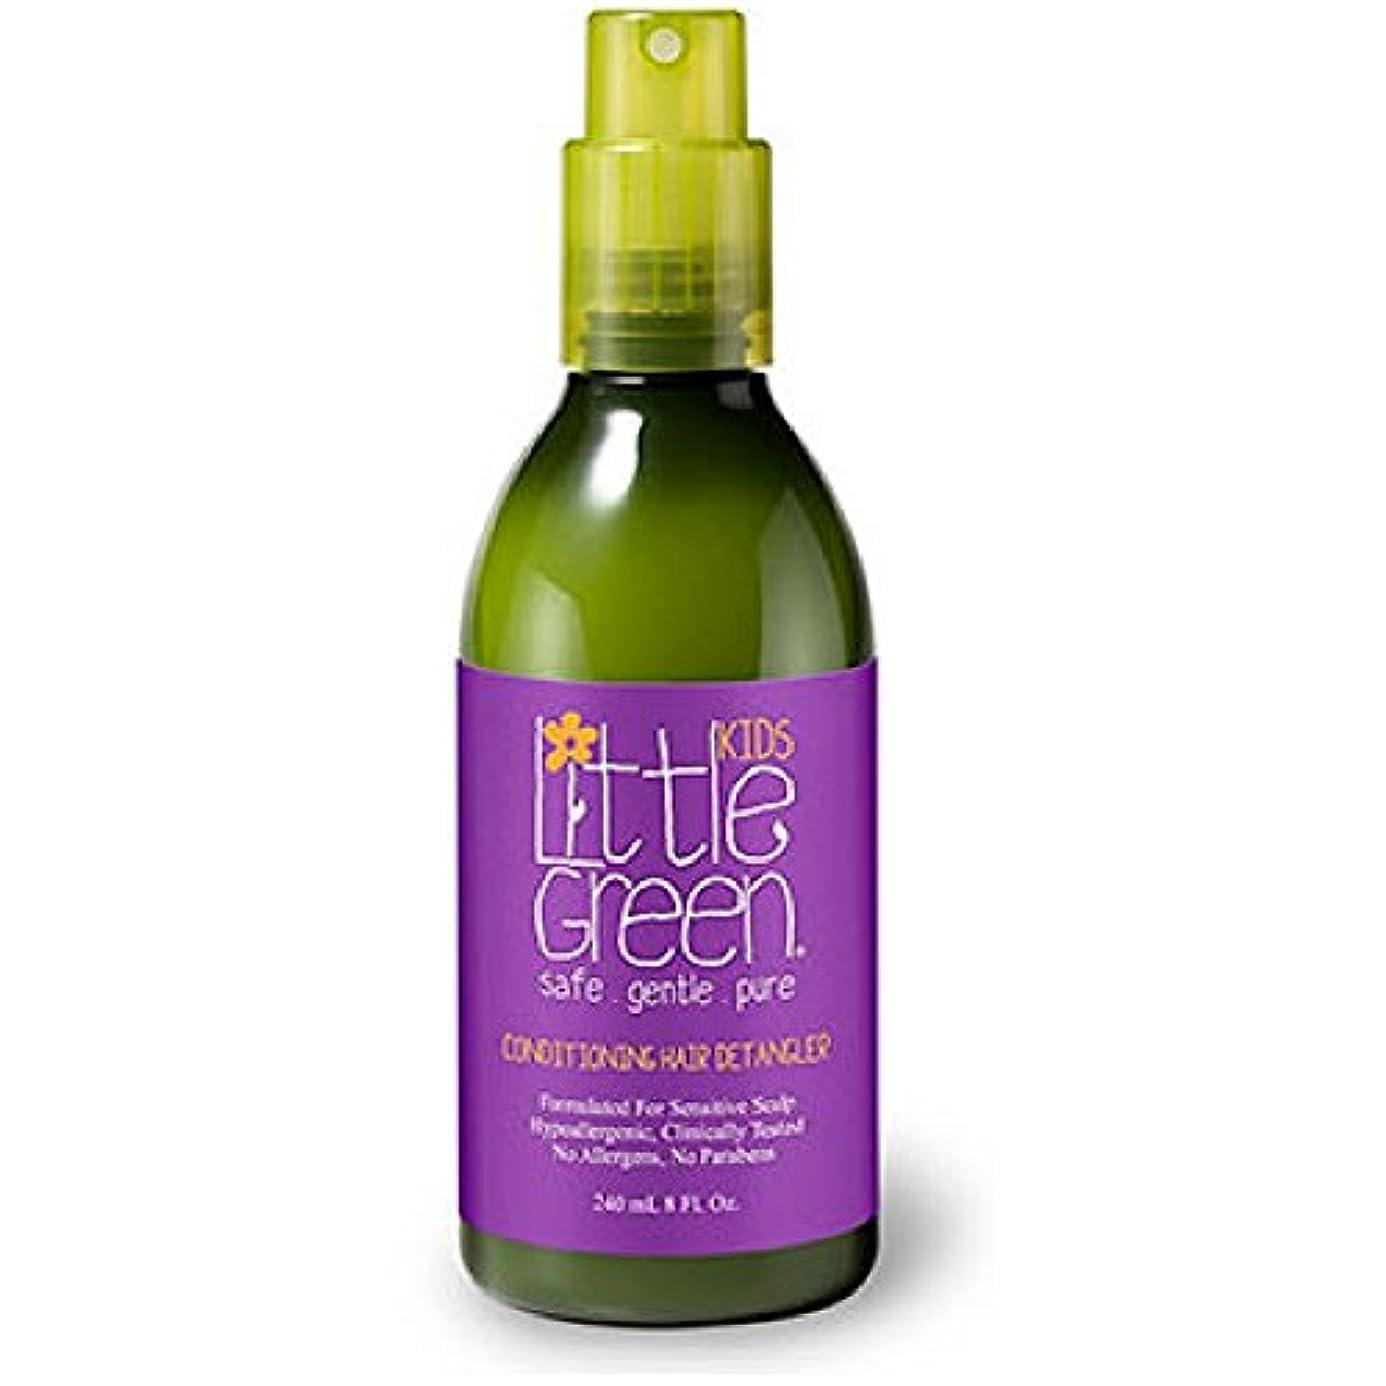 キルスレディブリッジLittle Green キッズコンディショニングDetangler - 子供Detanglerスプレー - 安全かつ非毒性 - 低刺激性 - - パラベンやグルテンフリー - ウェットまたはドライの髪に使用し臨床的に子供...